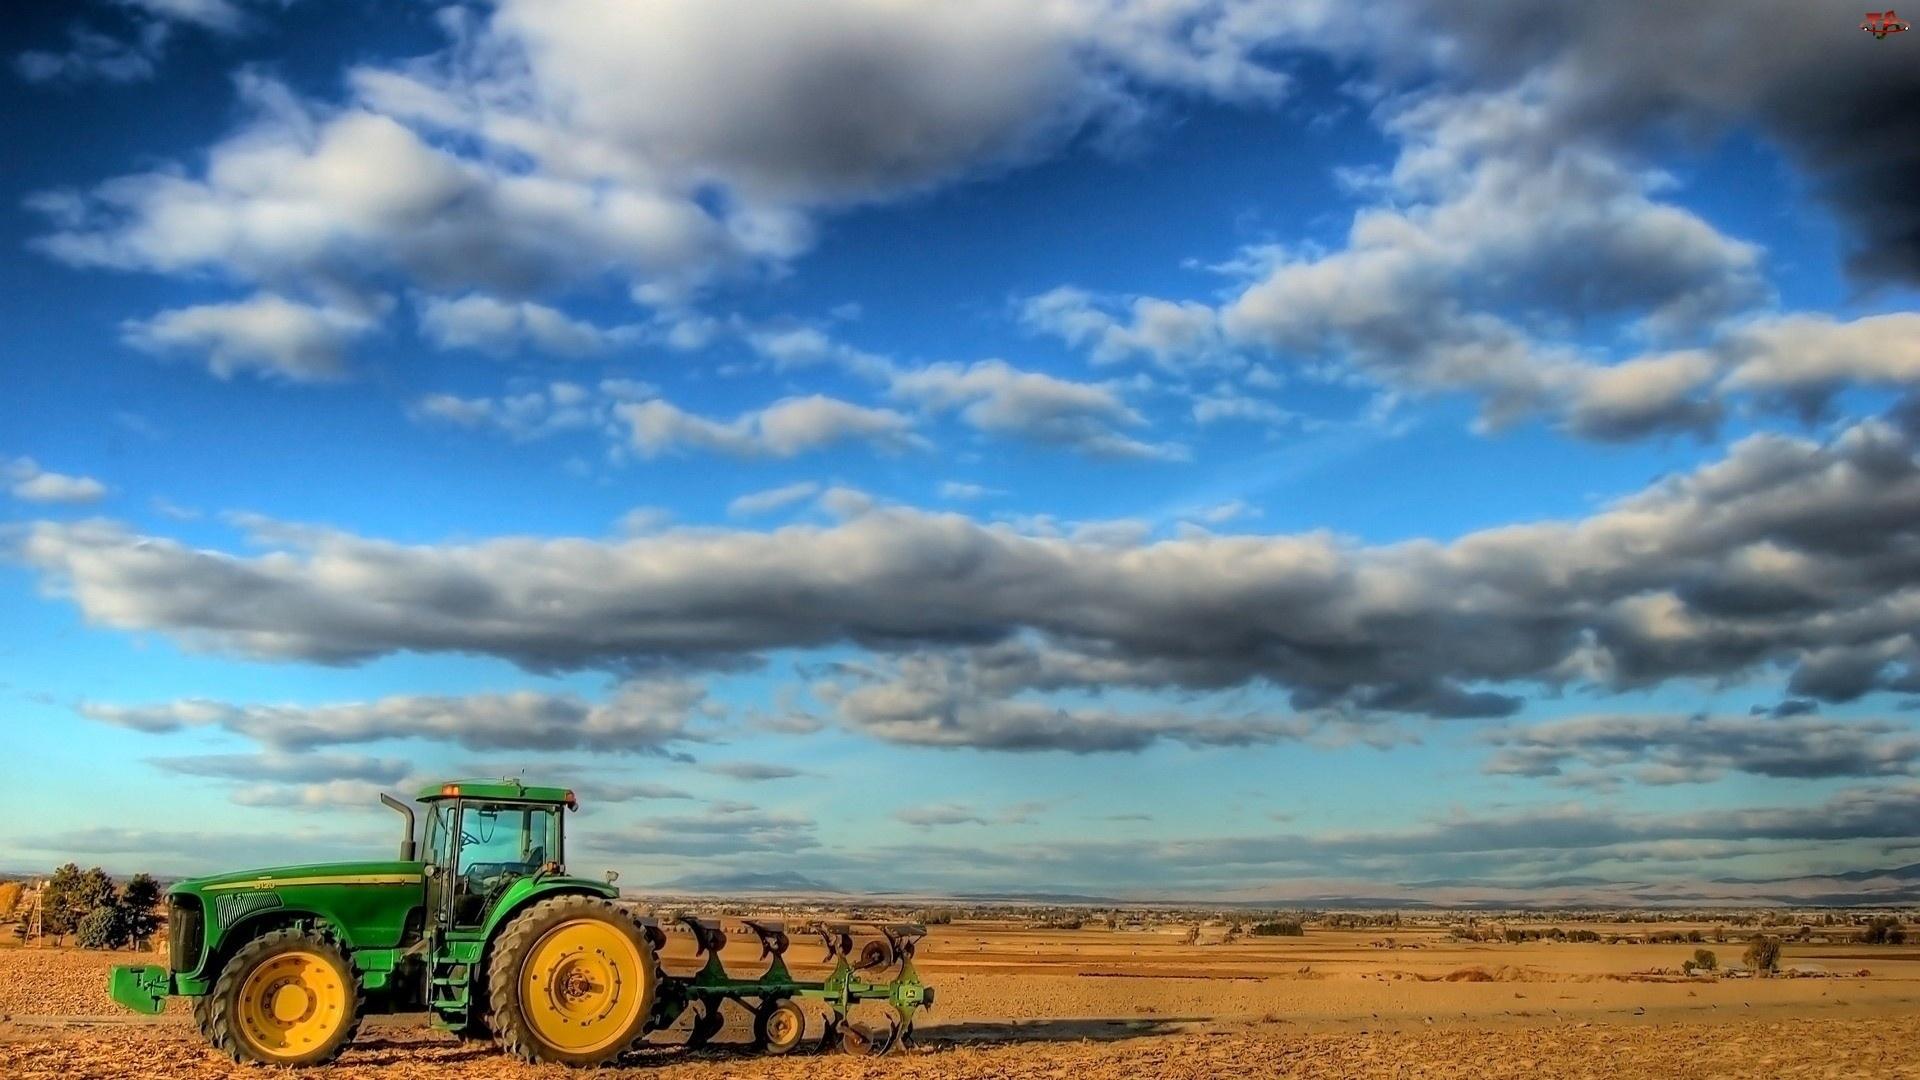 Chmury, Traktor, Uprawne, Pola, Orka